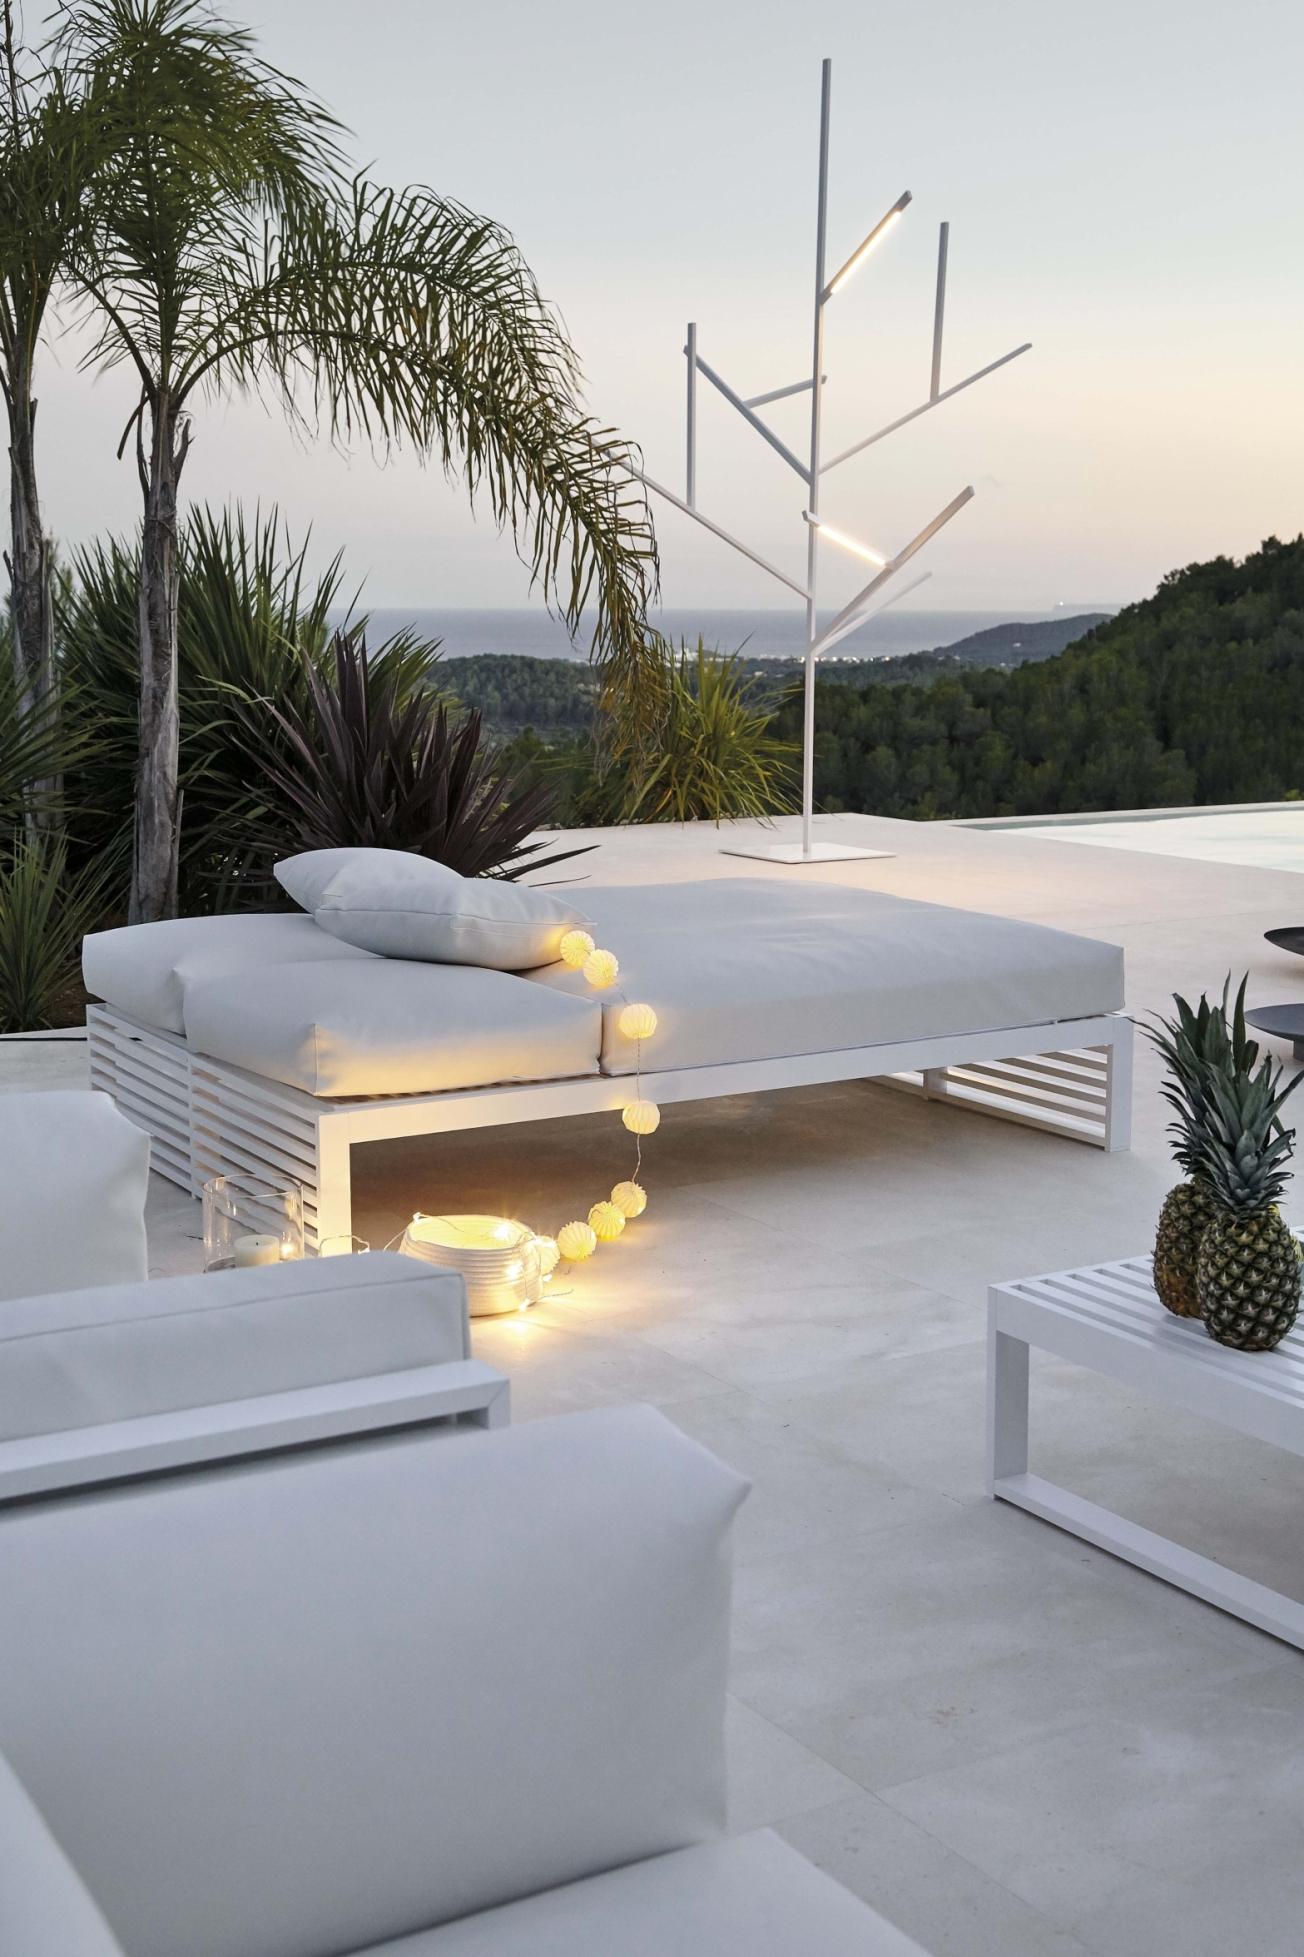 DNA Outdoor Sunbed | Outdoor Furniture